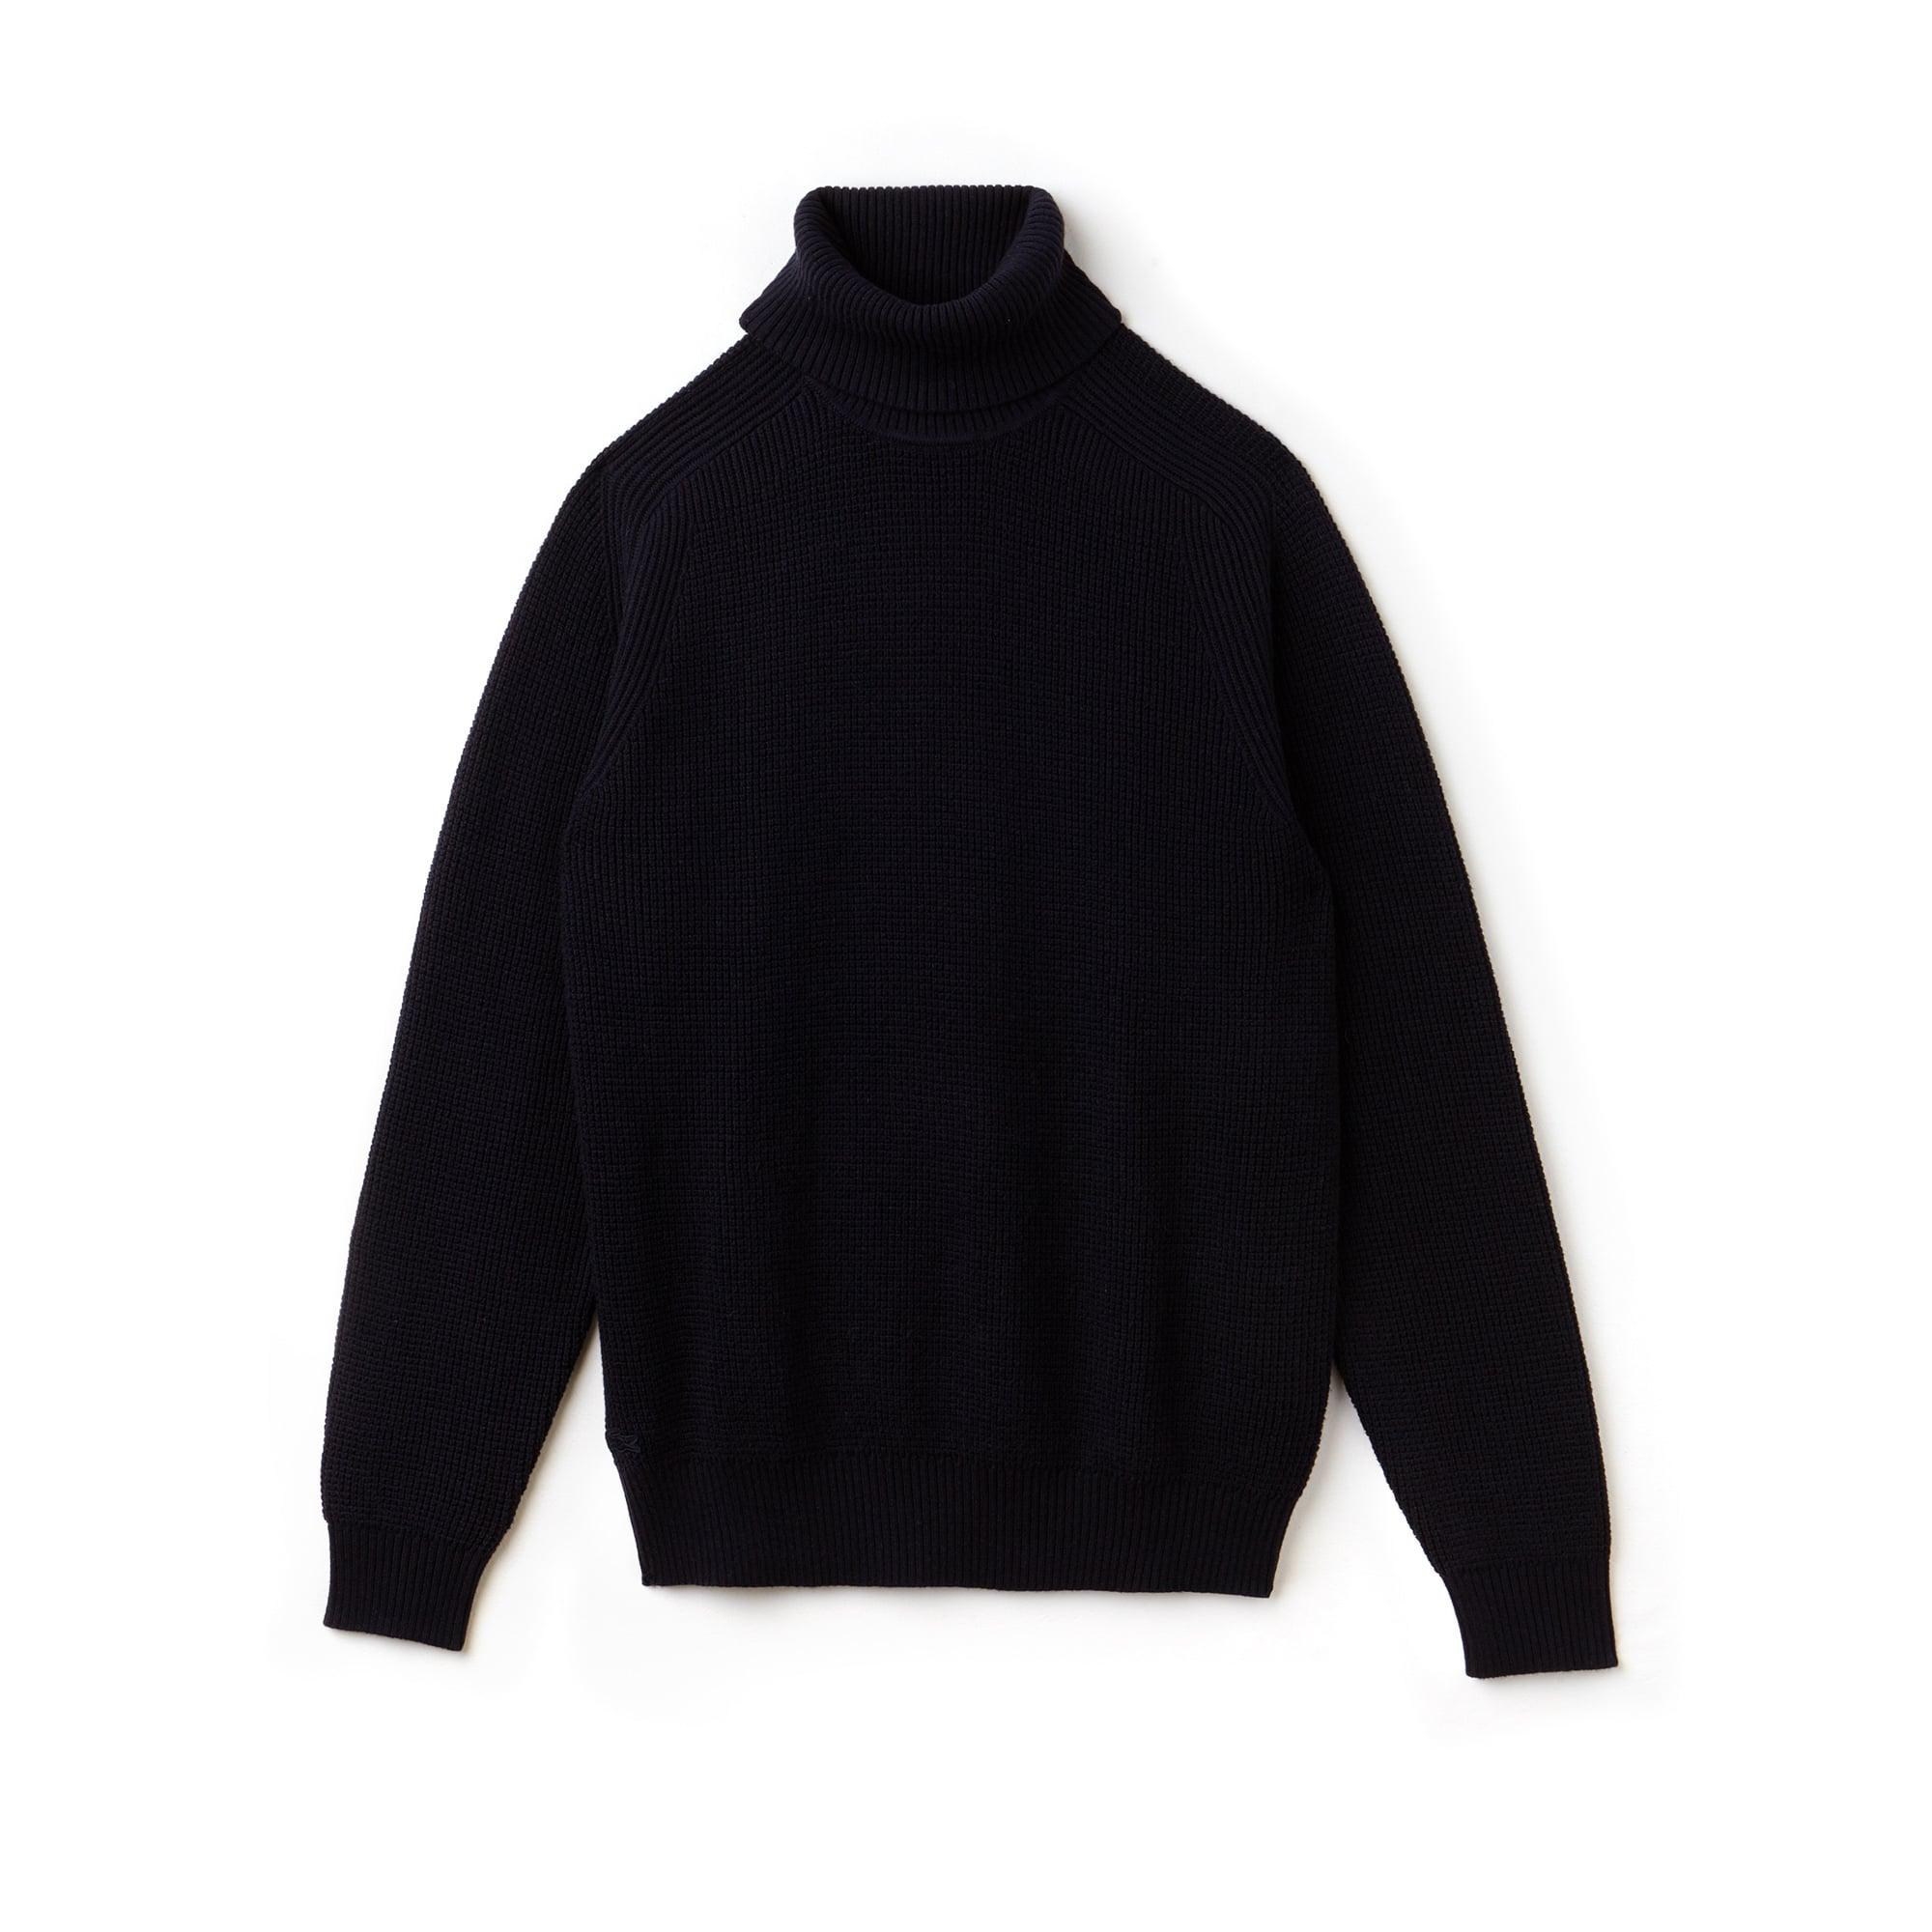 Herren Pullover aus Wolle und Baumwolle mit Wabenstruktur